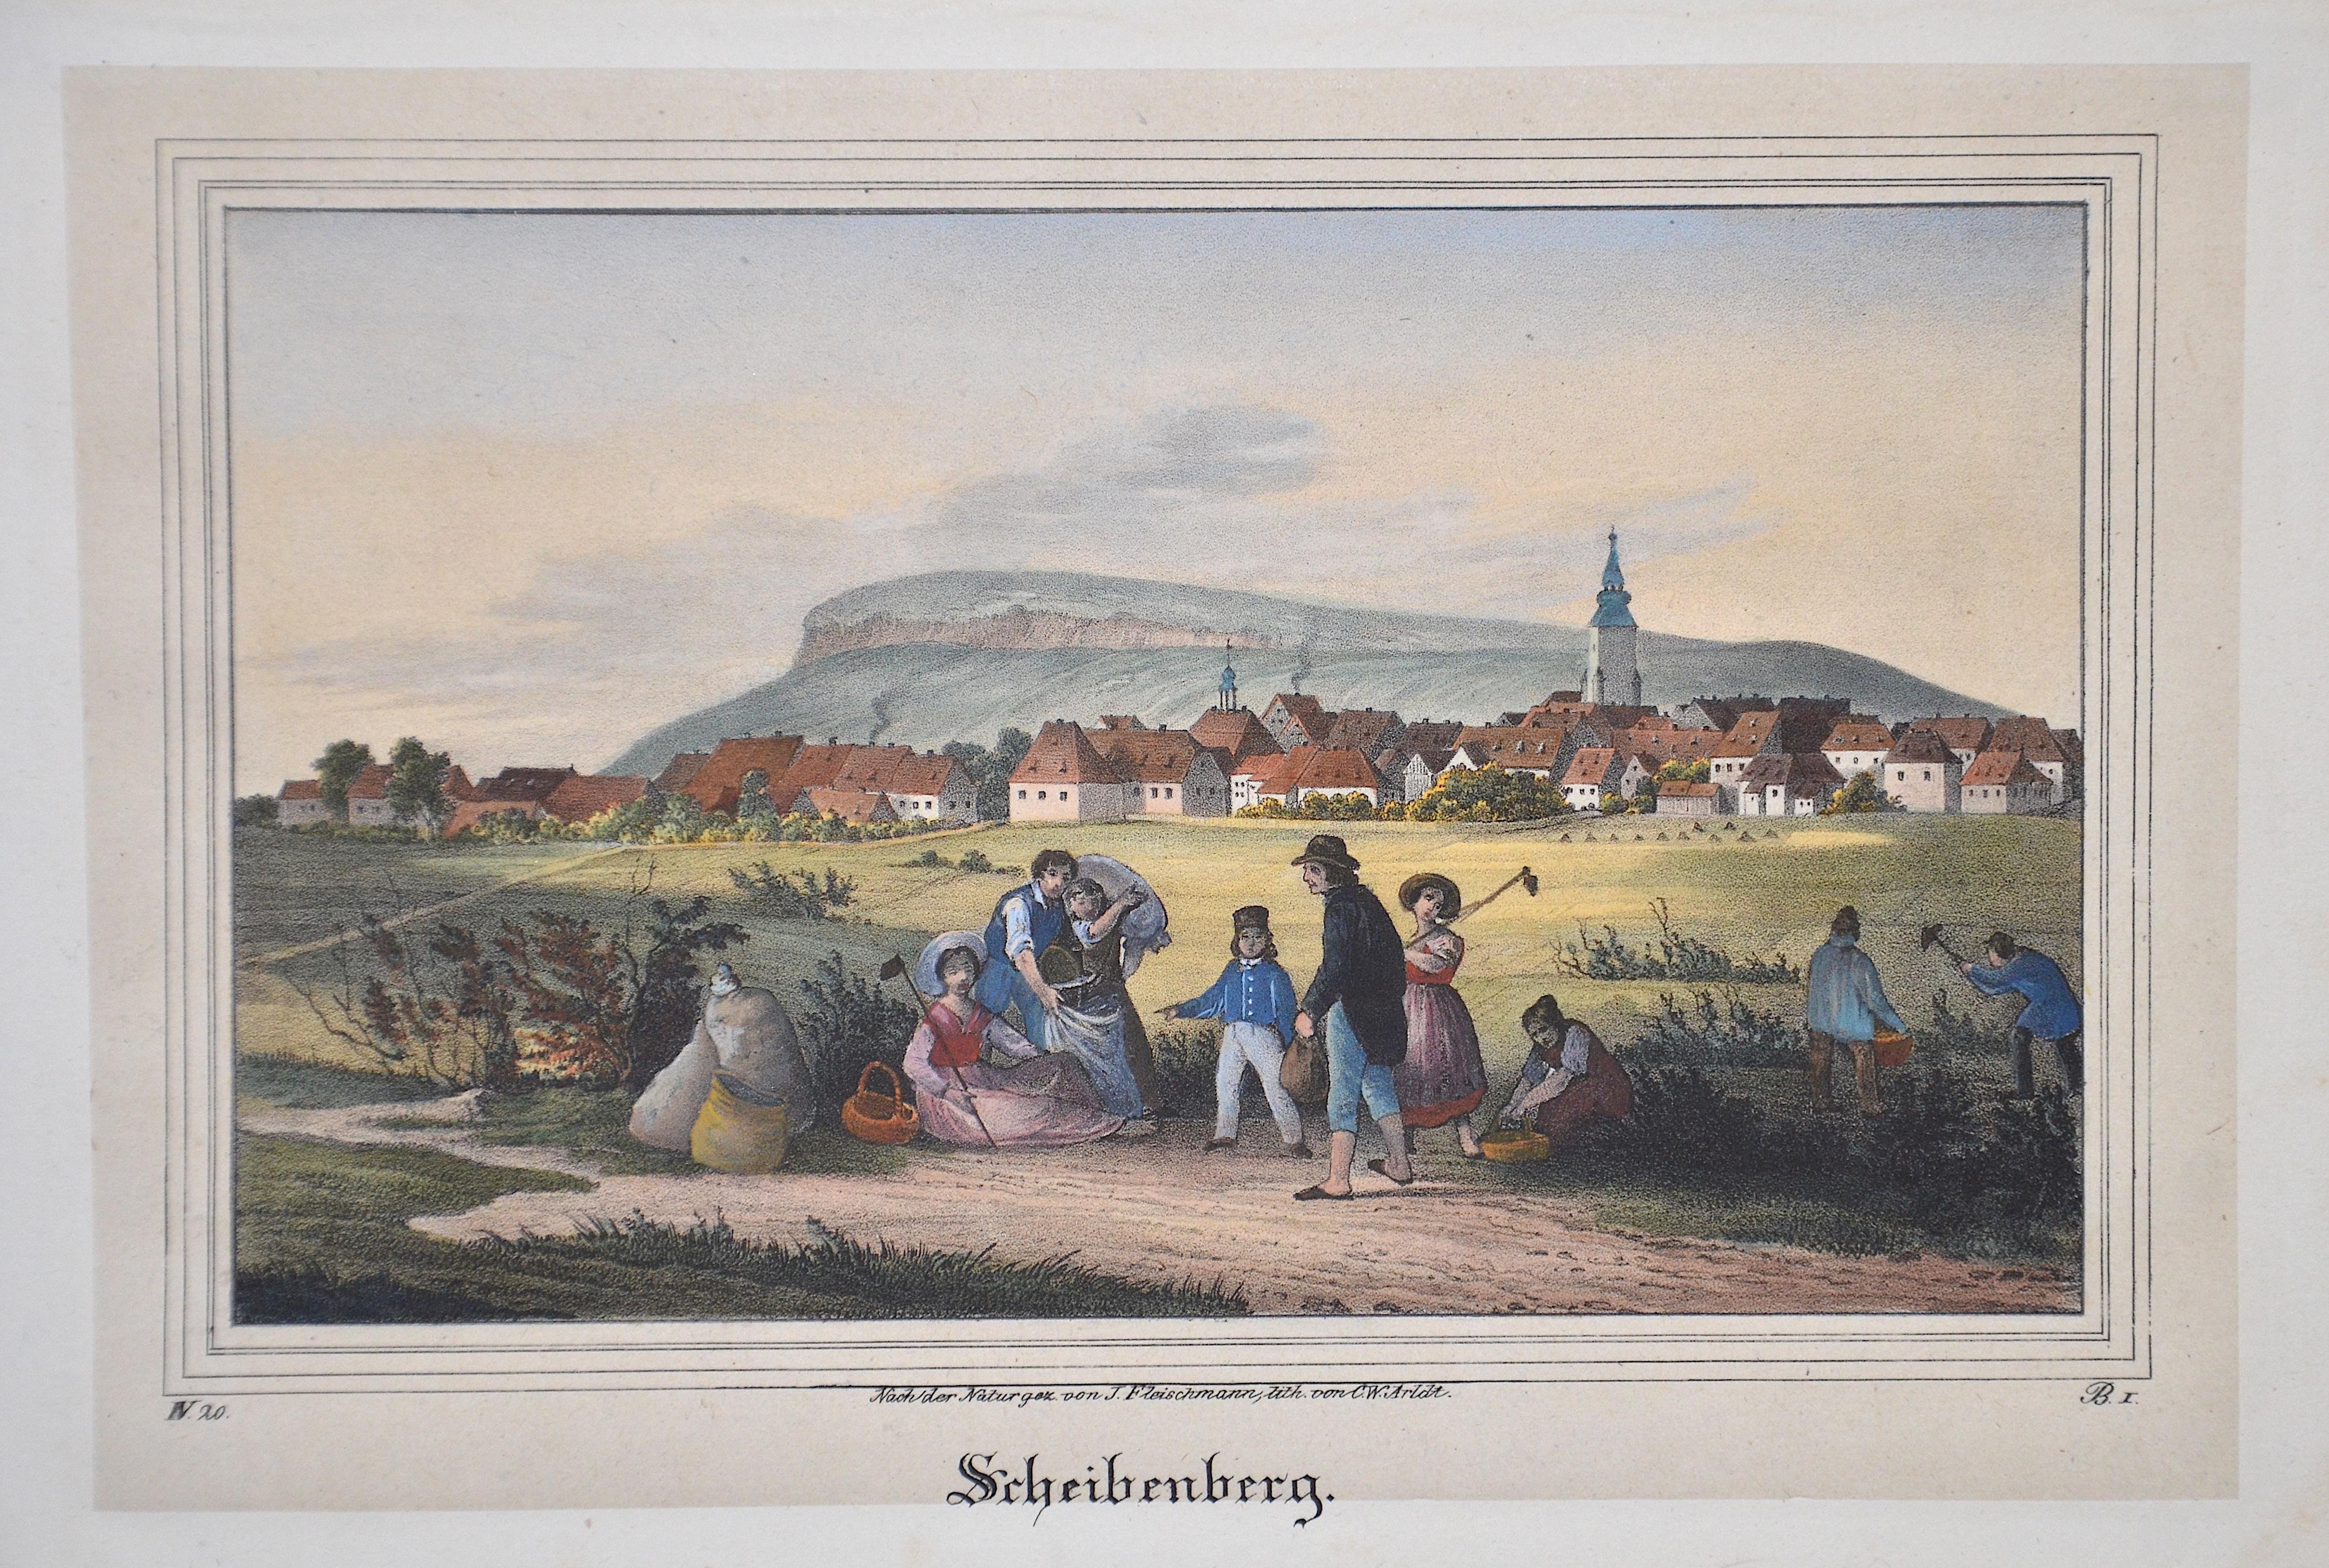 1709 Scheibenberg.